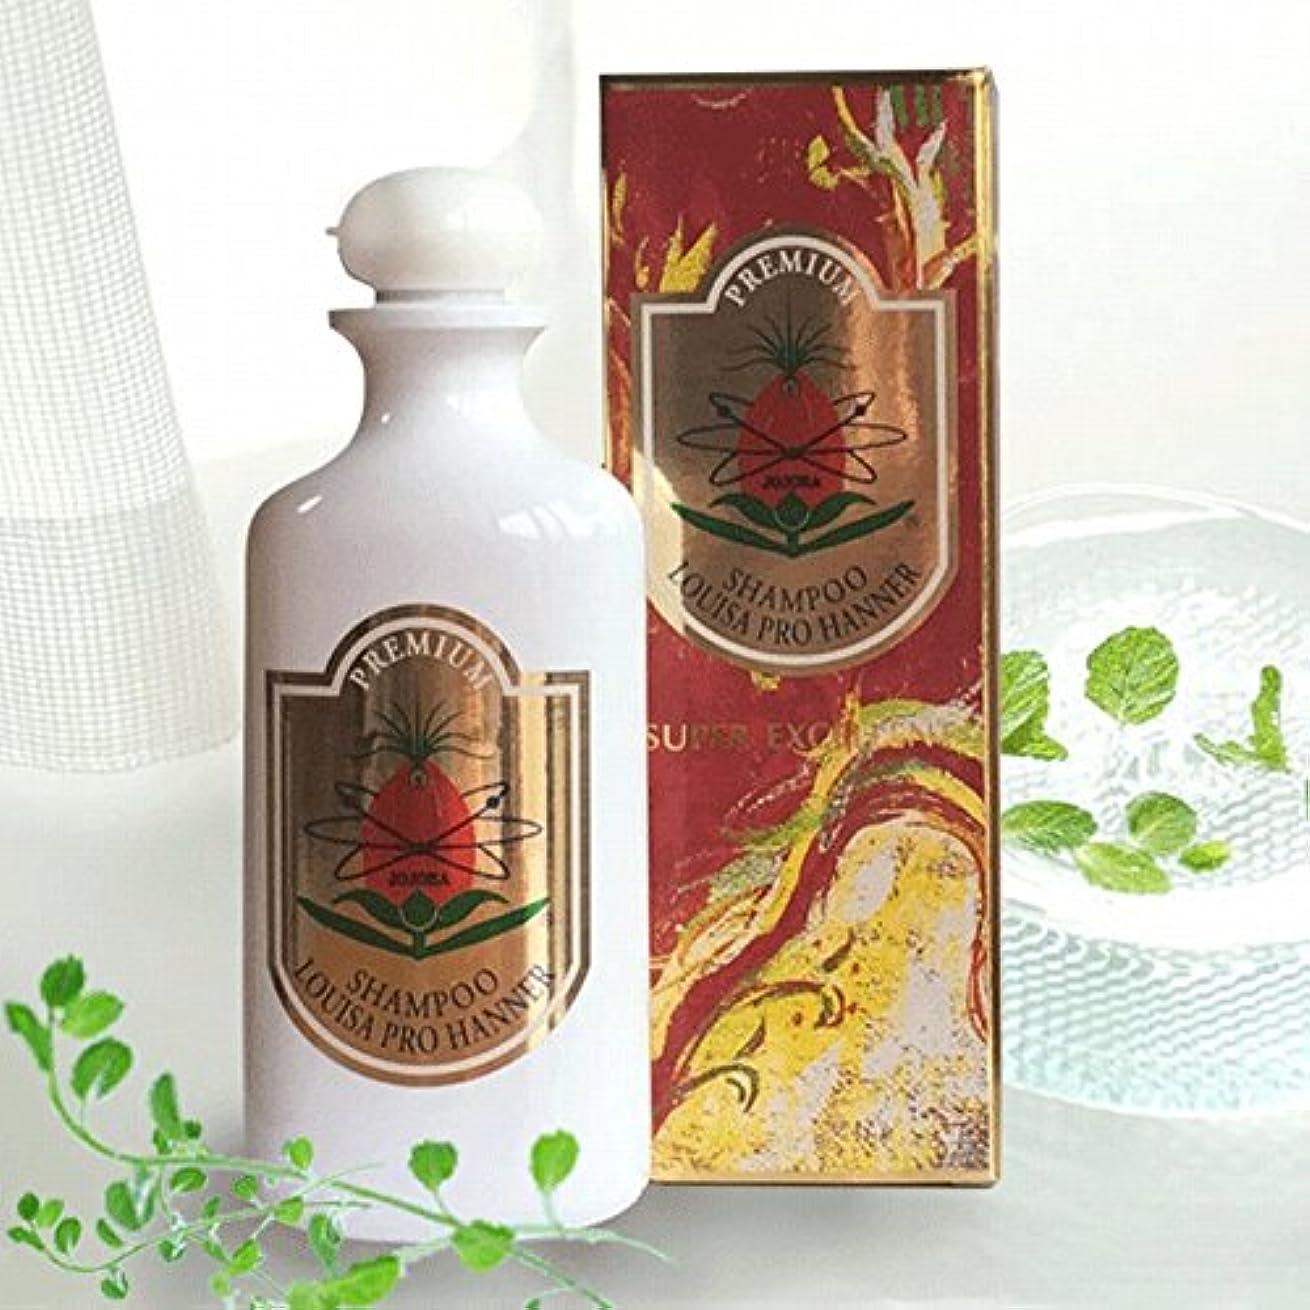 体新年日記医薬部外品 薬用ルイザプロハンナシャンプープレミアム新登場Louisa Pro Hanner Shampoo Premium 天然成分配合の自然派シャンプー